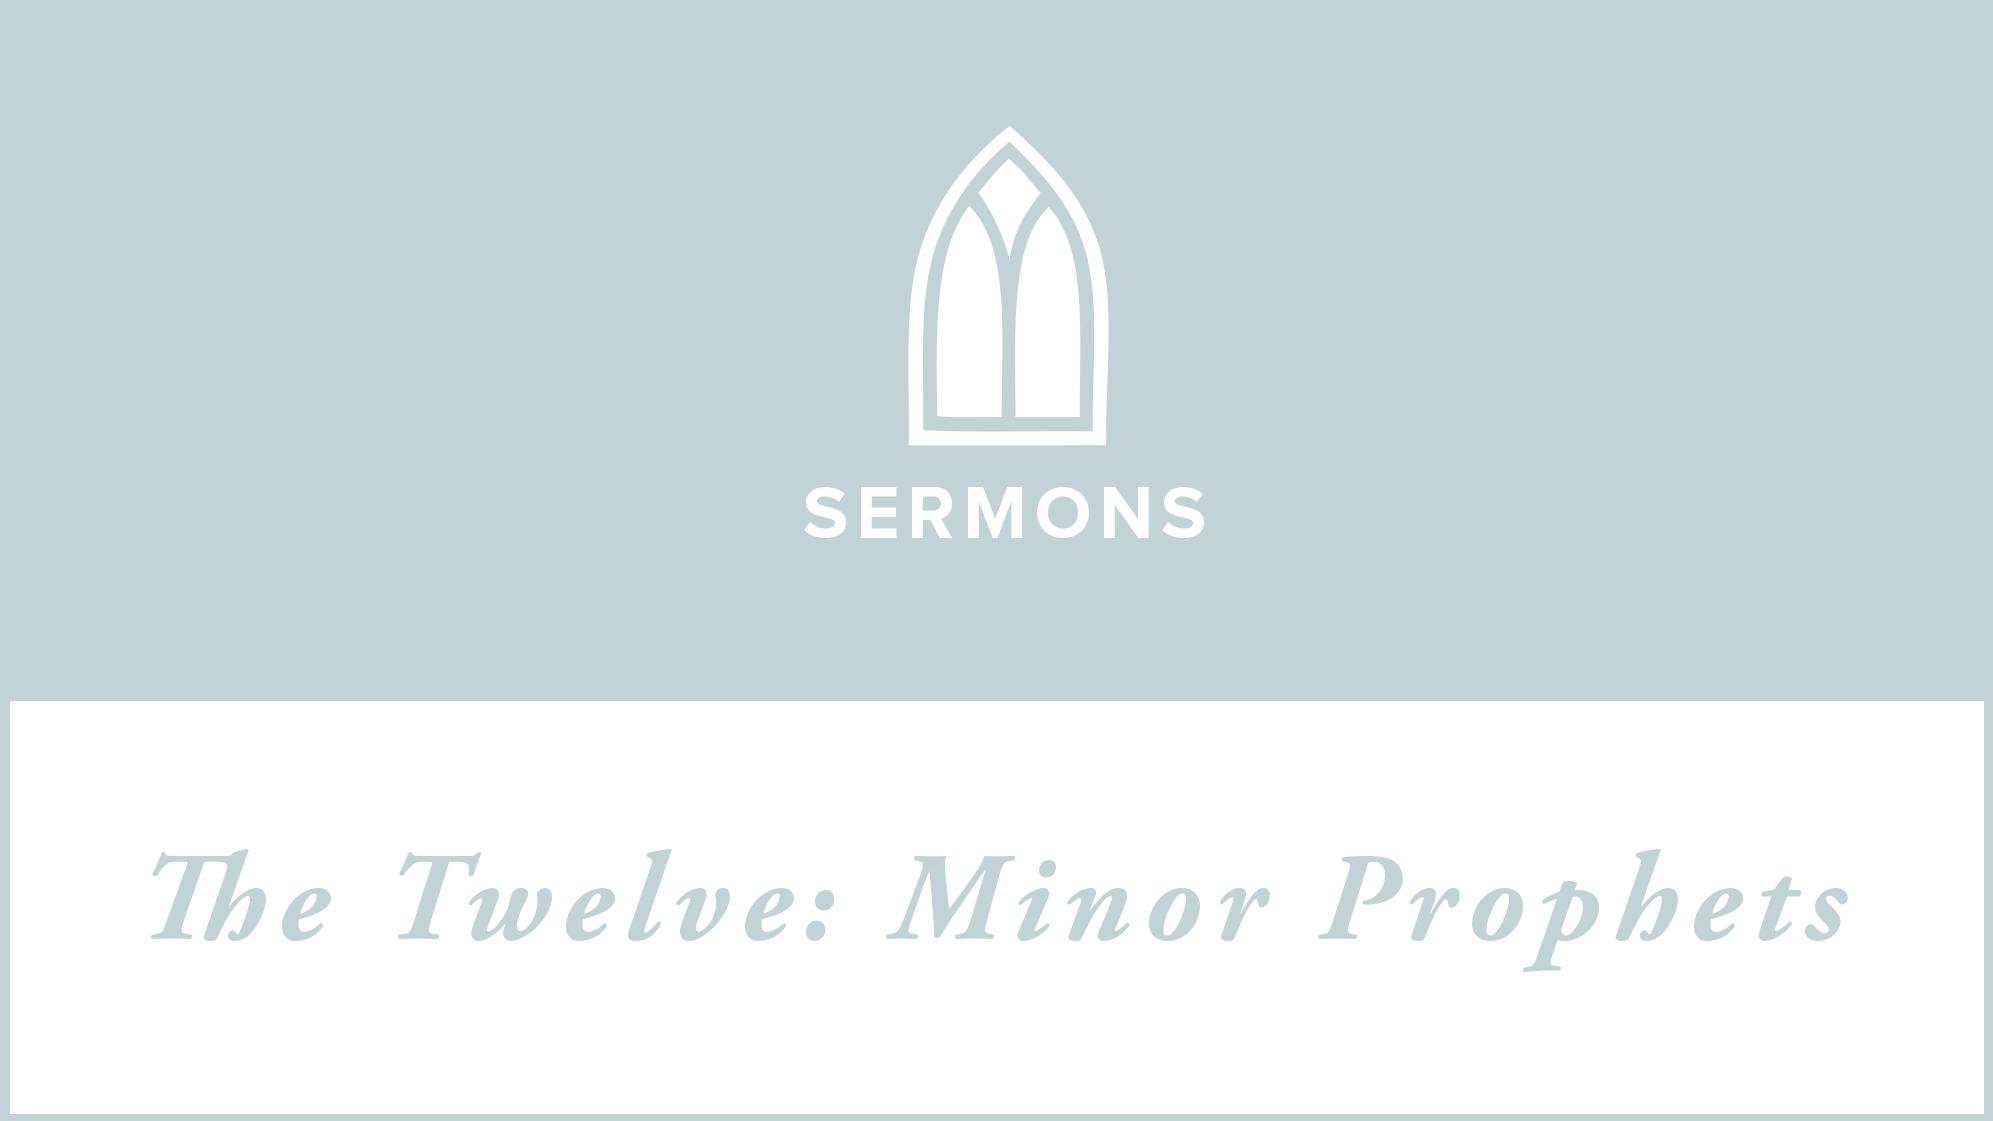 Minor-Prophets-16x9.png